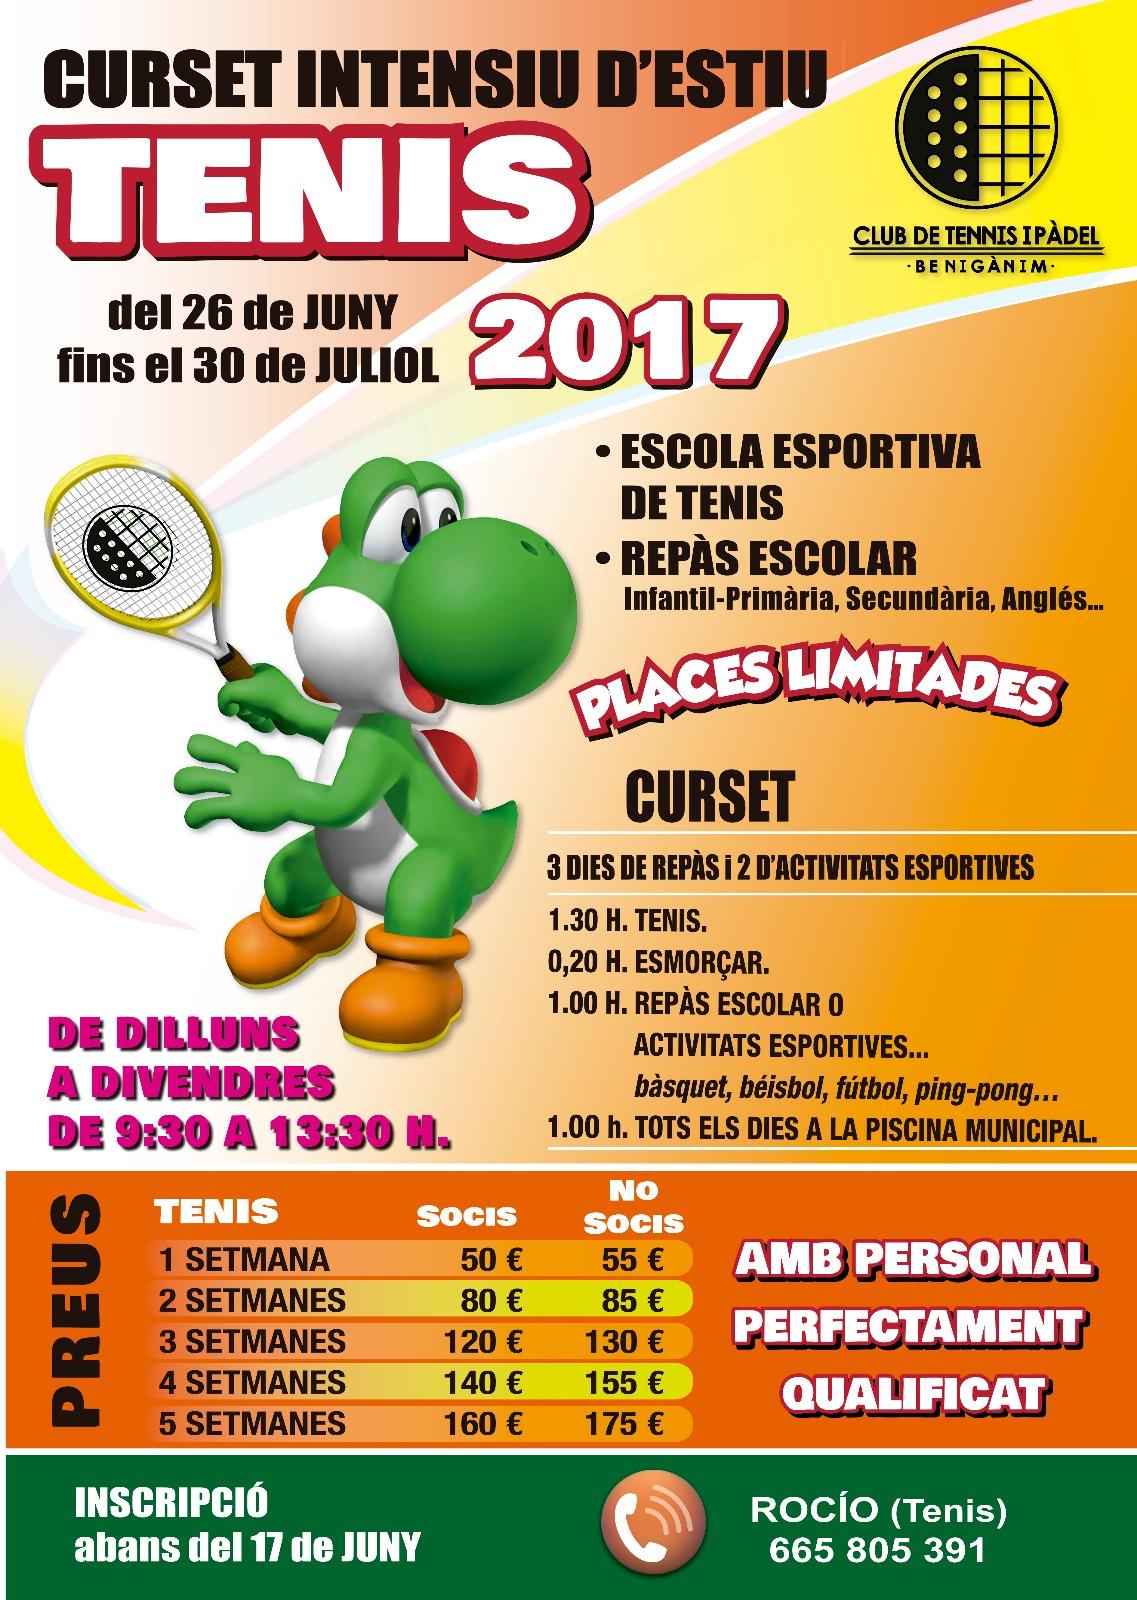 IMG-20170529-WA0000